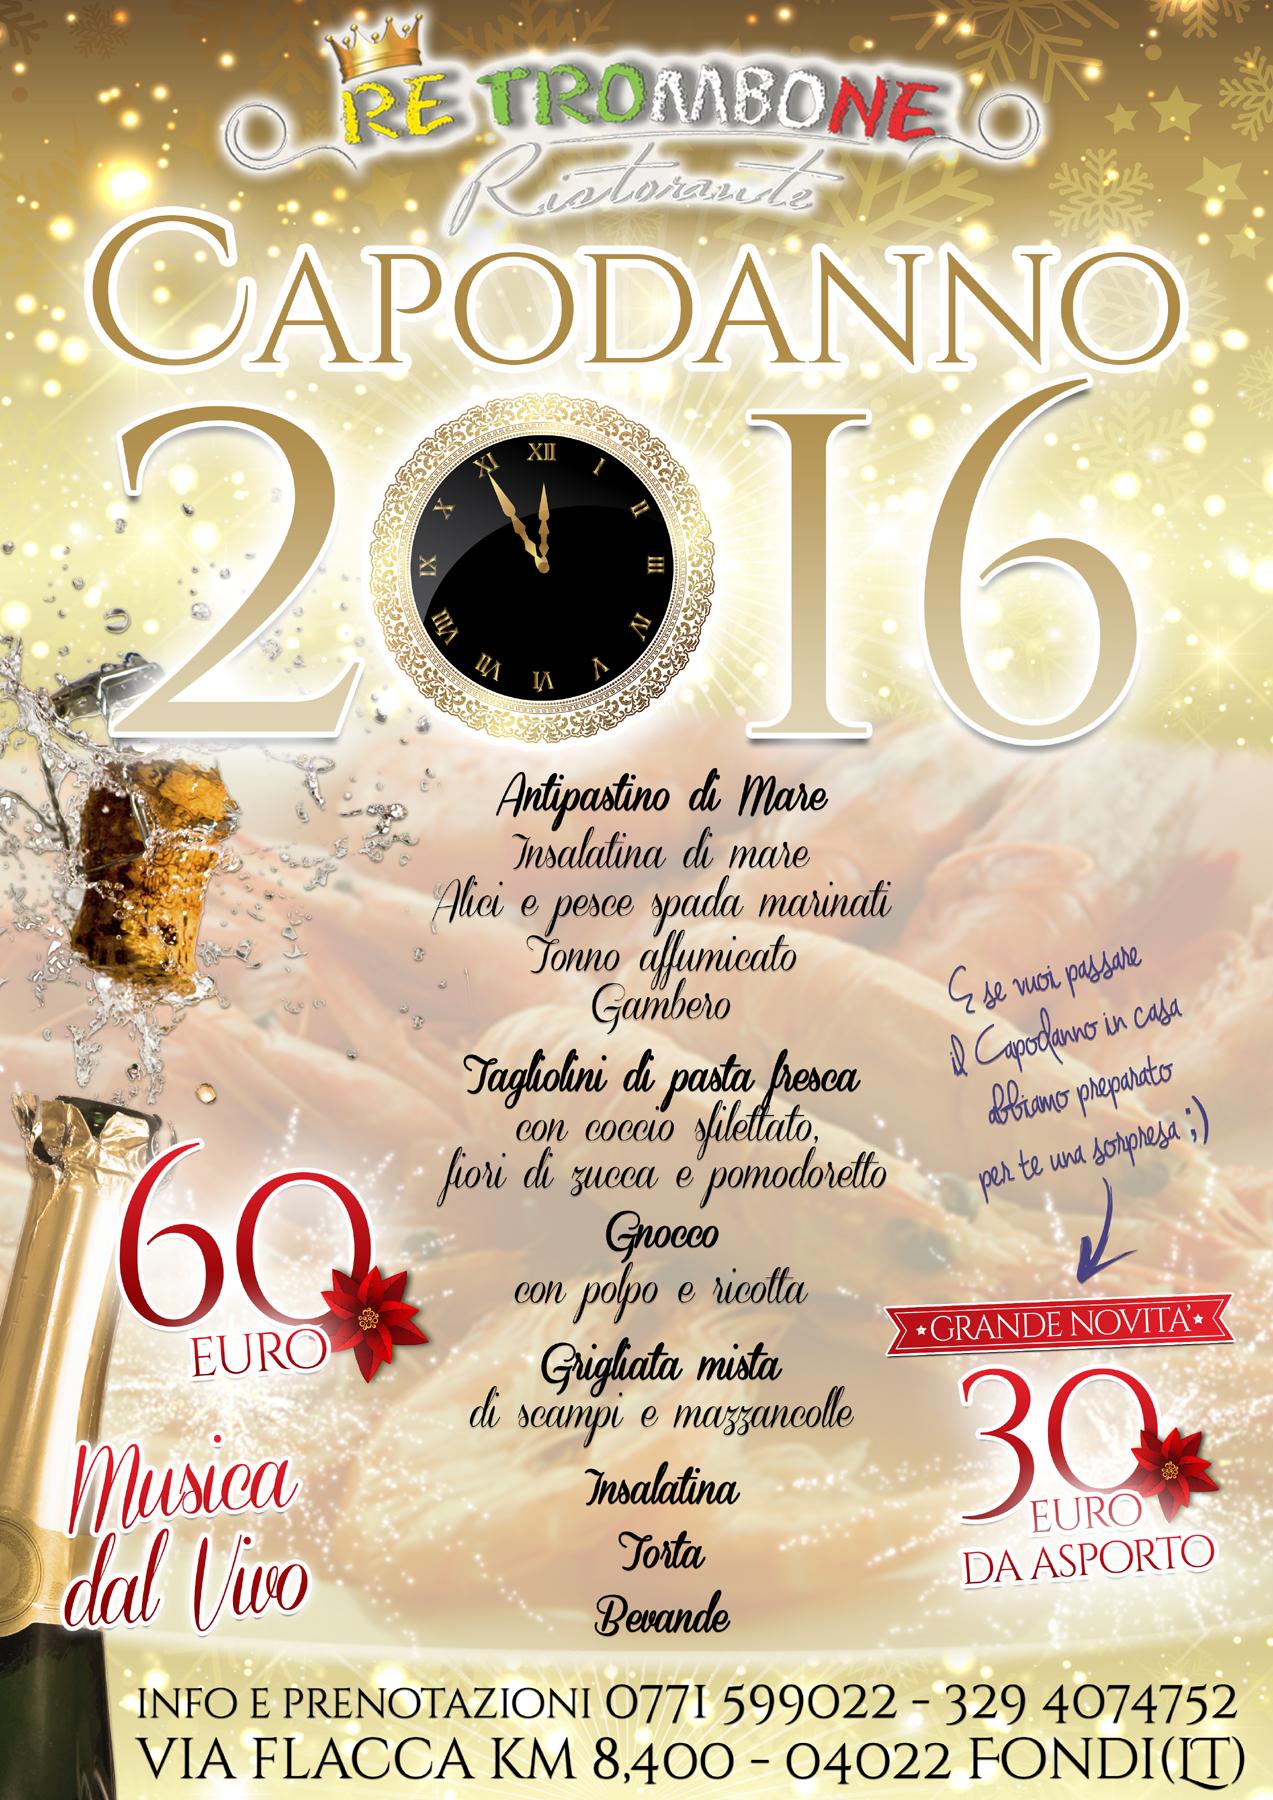 locandina ristorante re trombone capodanno 2016 x WEB